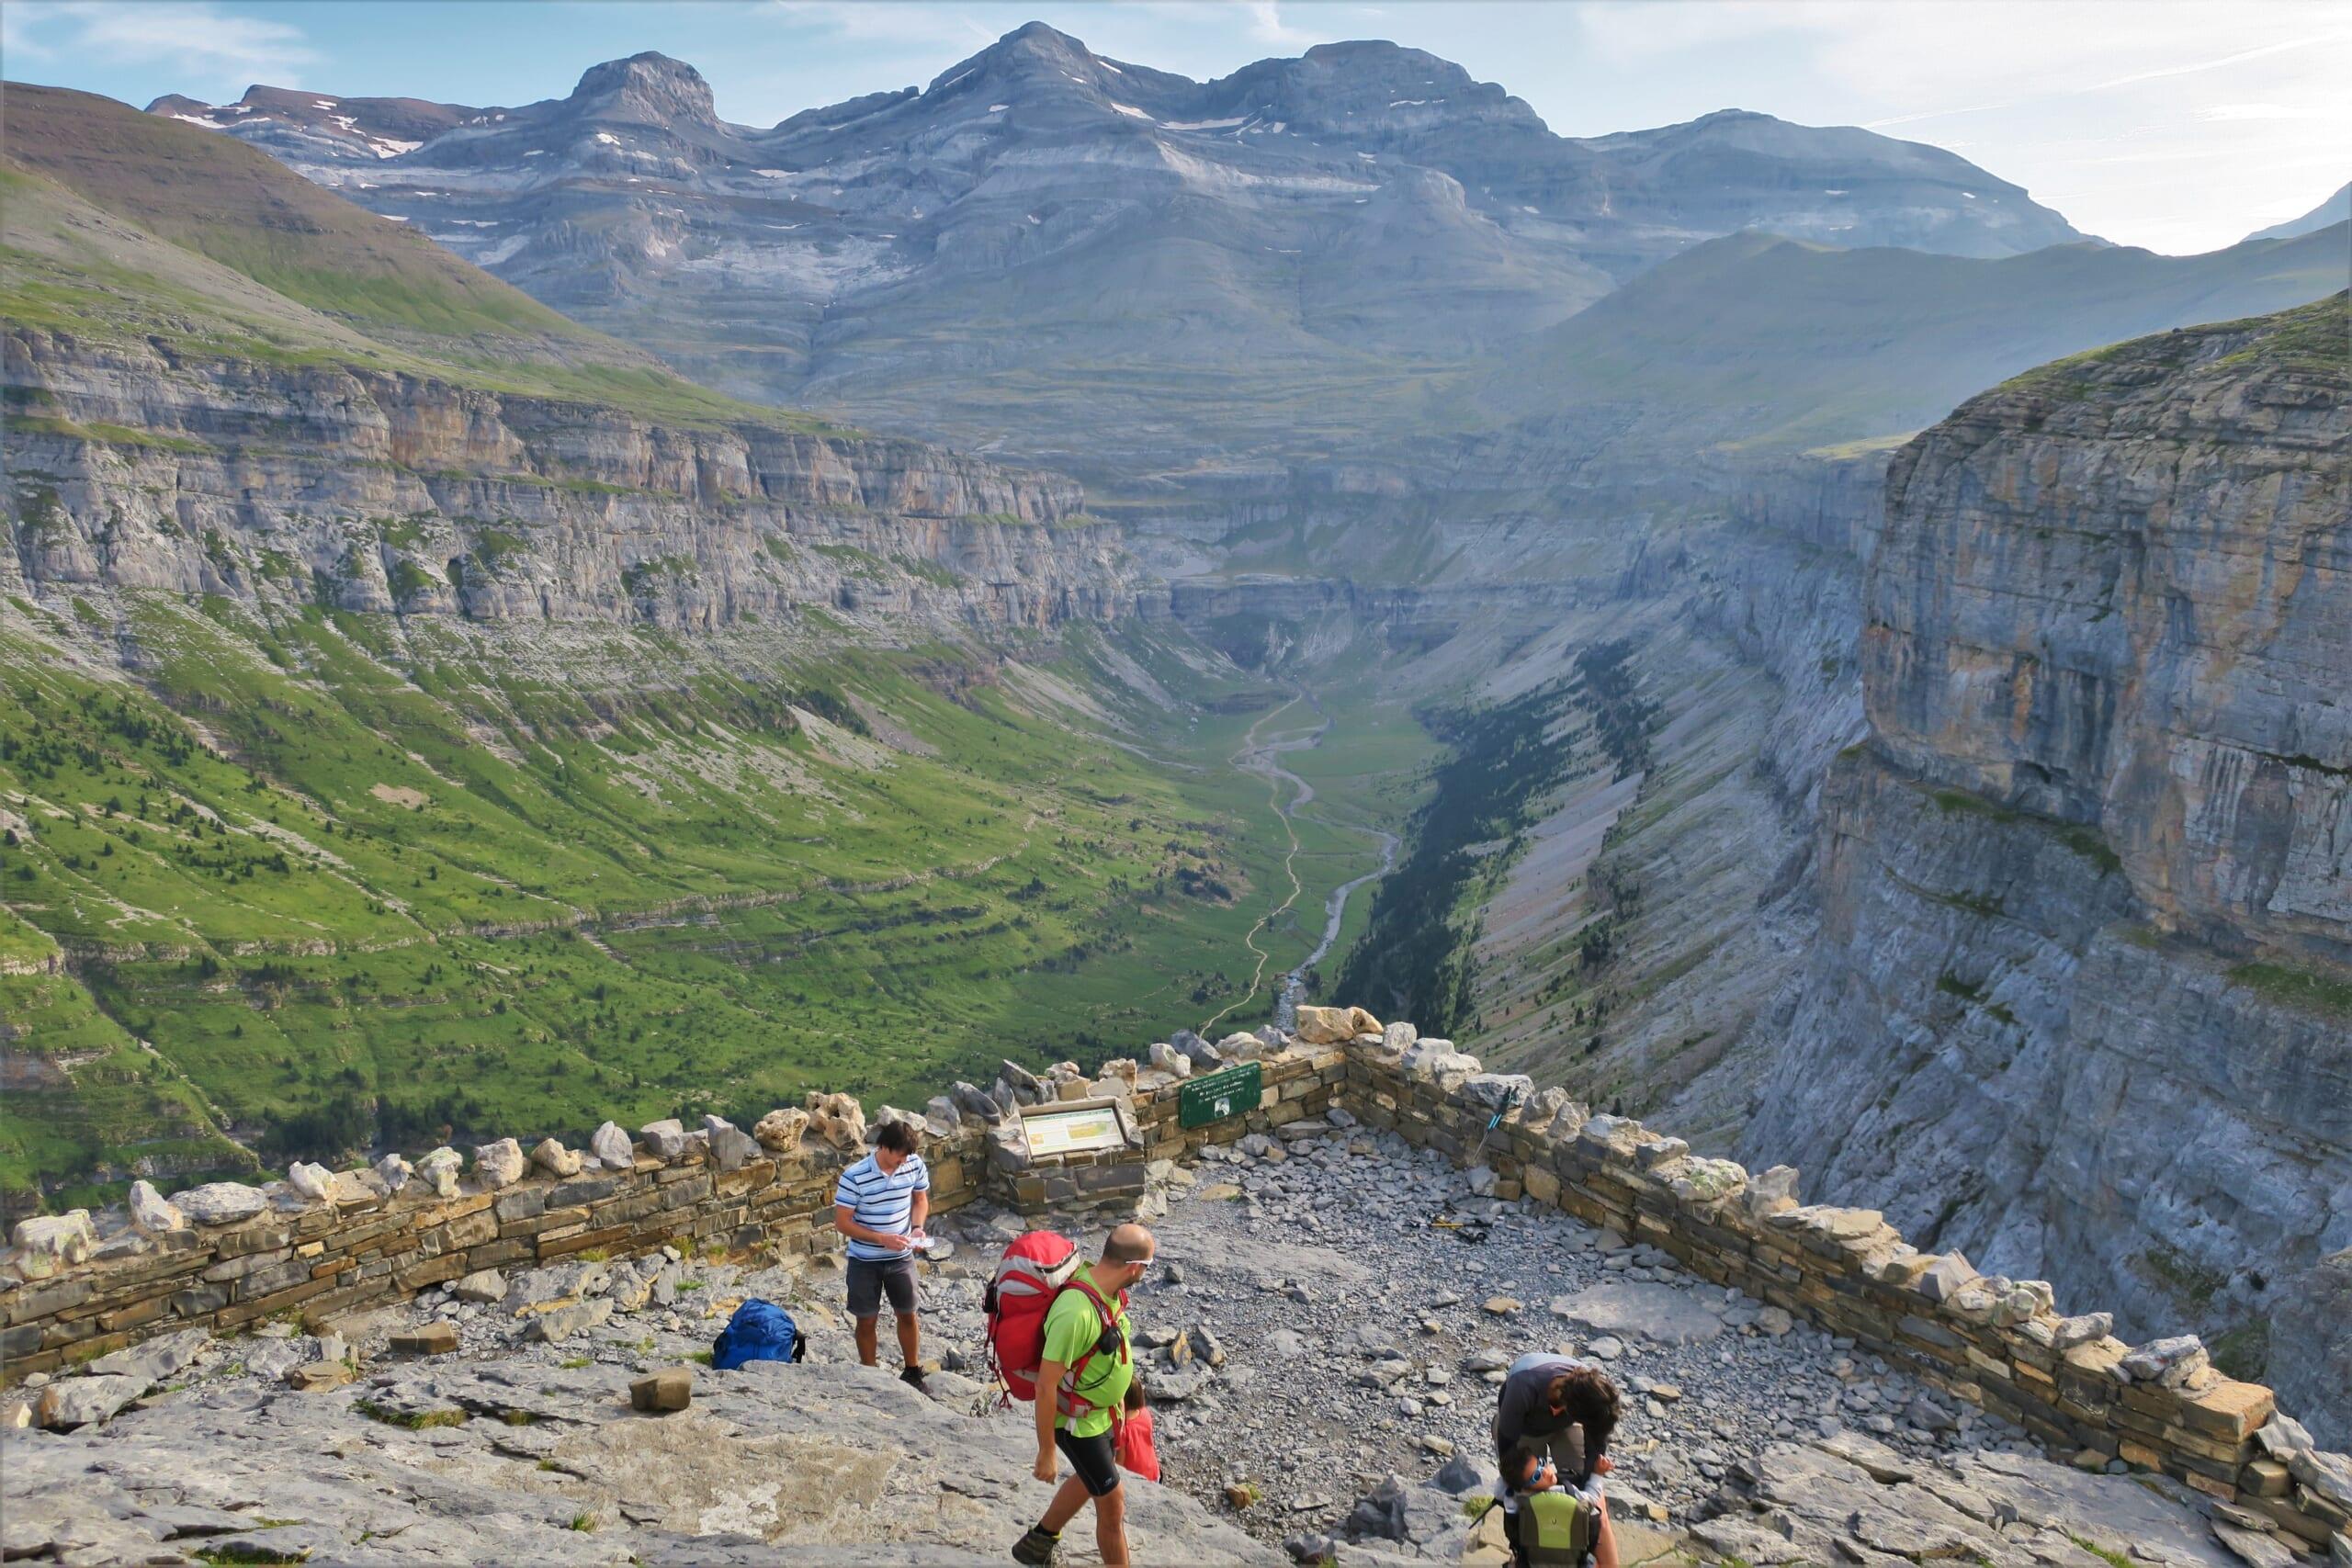 北スペインの観光スポットであるアラゴン・ピレネーのオルデサ国立公園